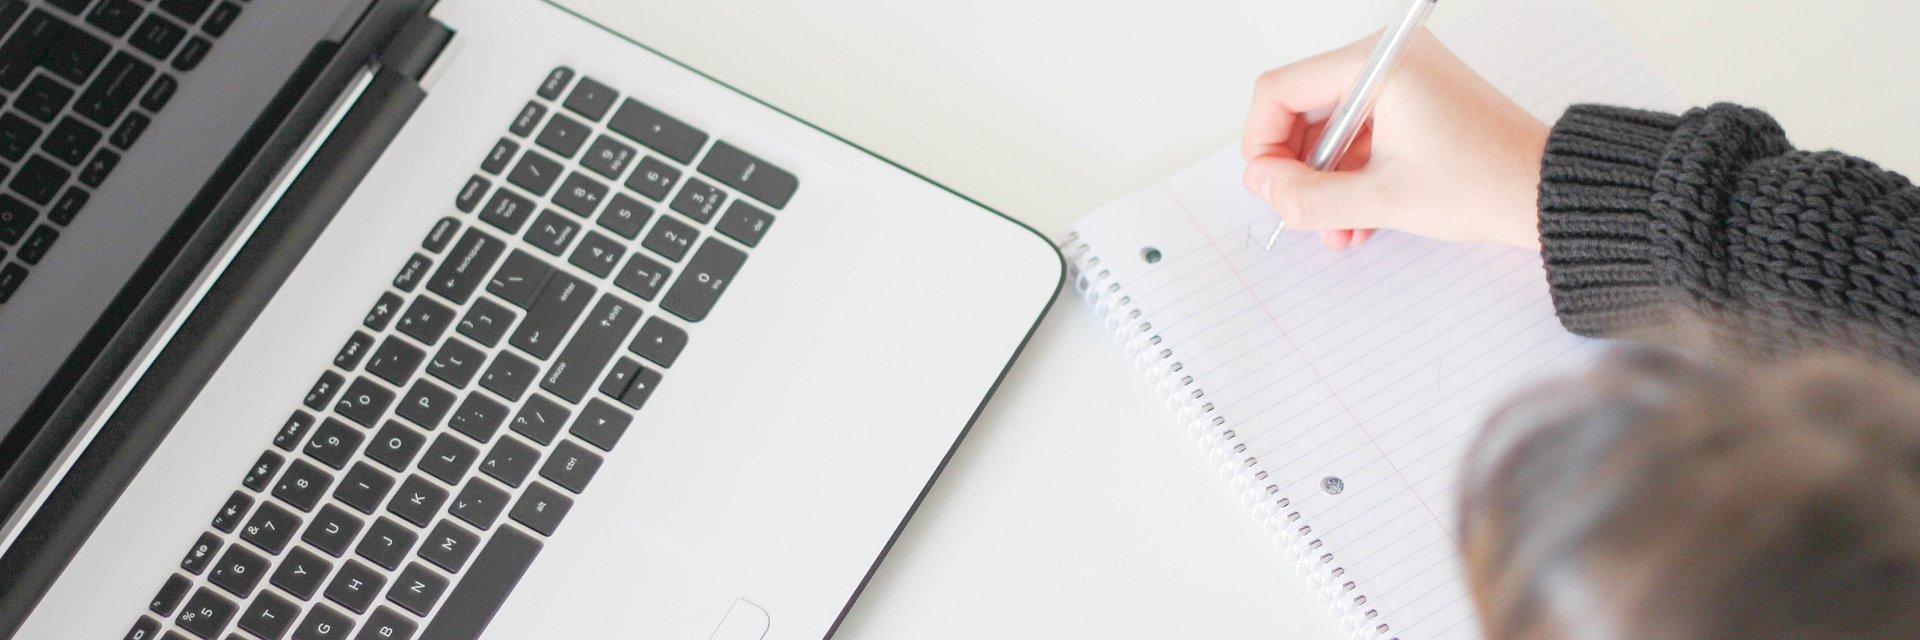 Opisy produktów – jak sprawić, by sprzedawały i dobrze się czytały?